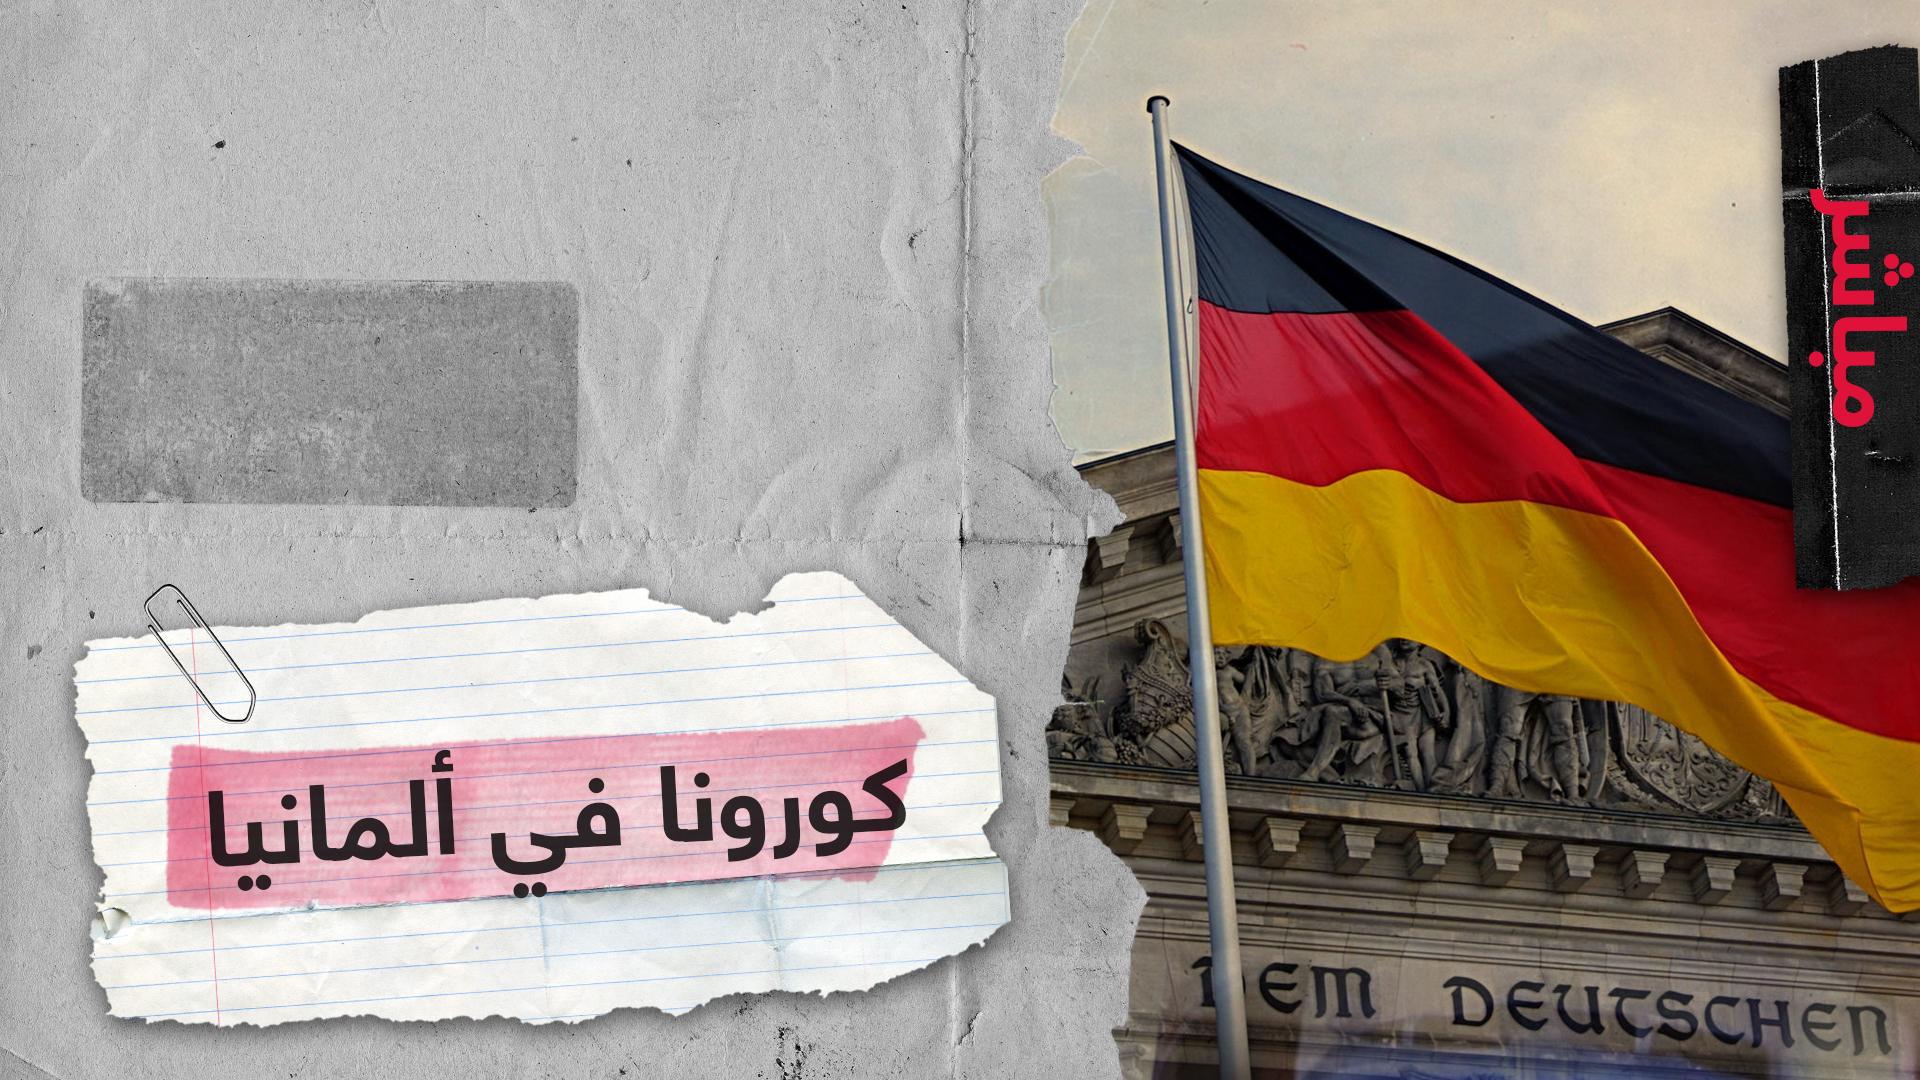 هل ستصبح ألمانيا الأولى أوروبيا في عدد المتوفين من كورونا؟